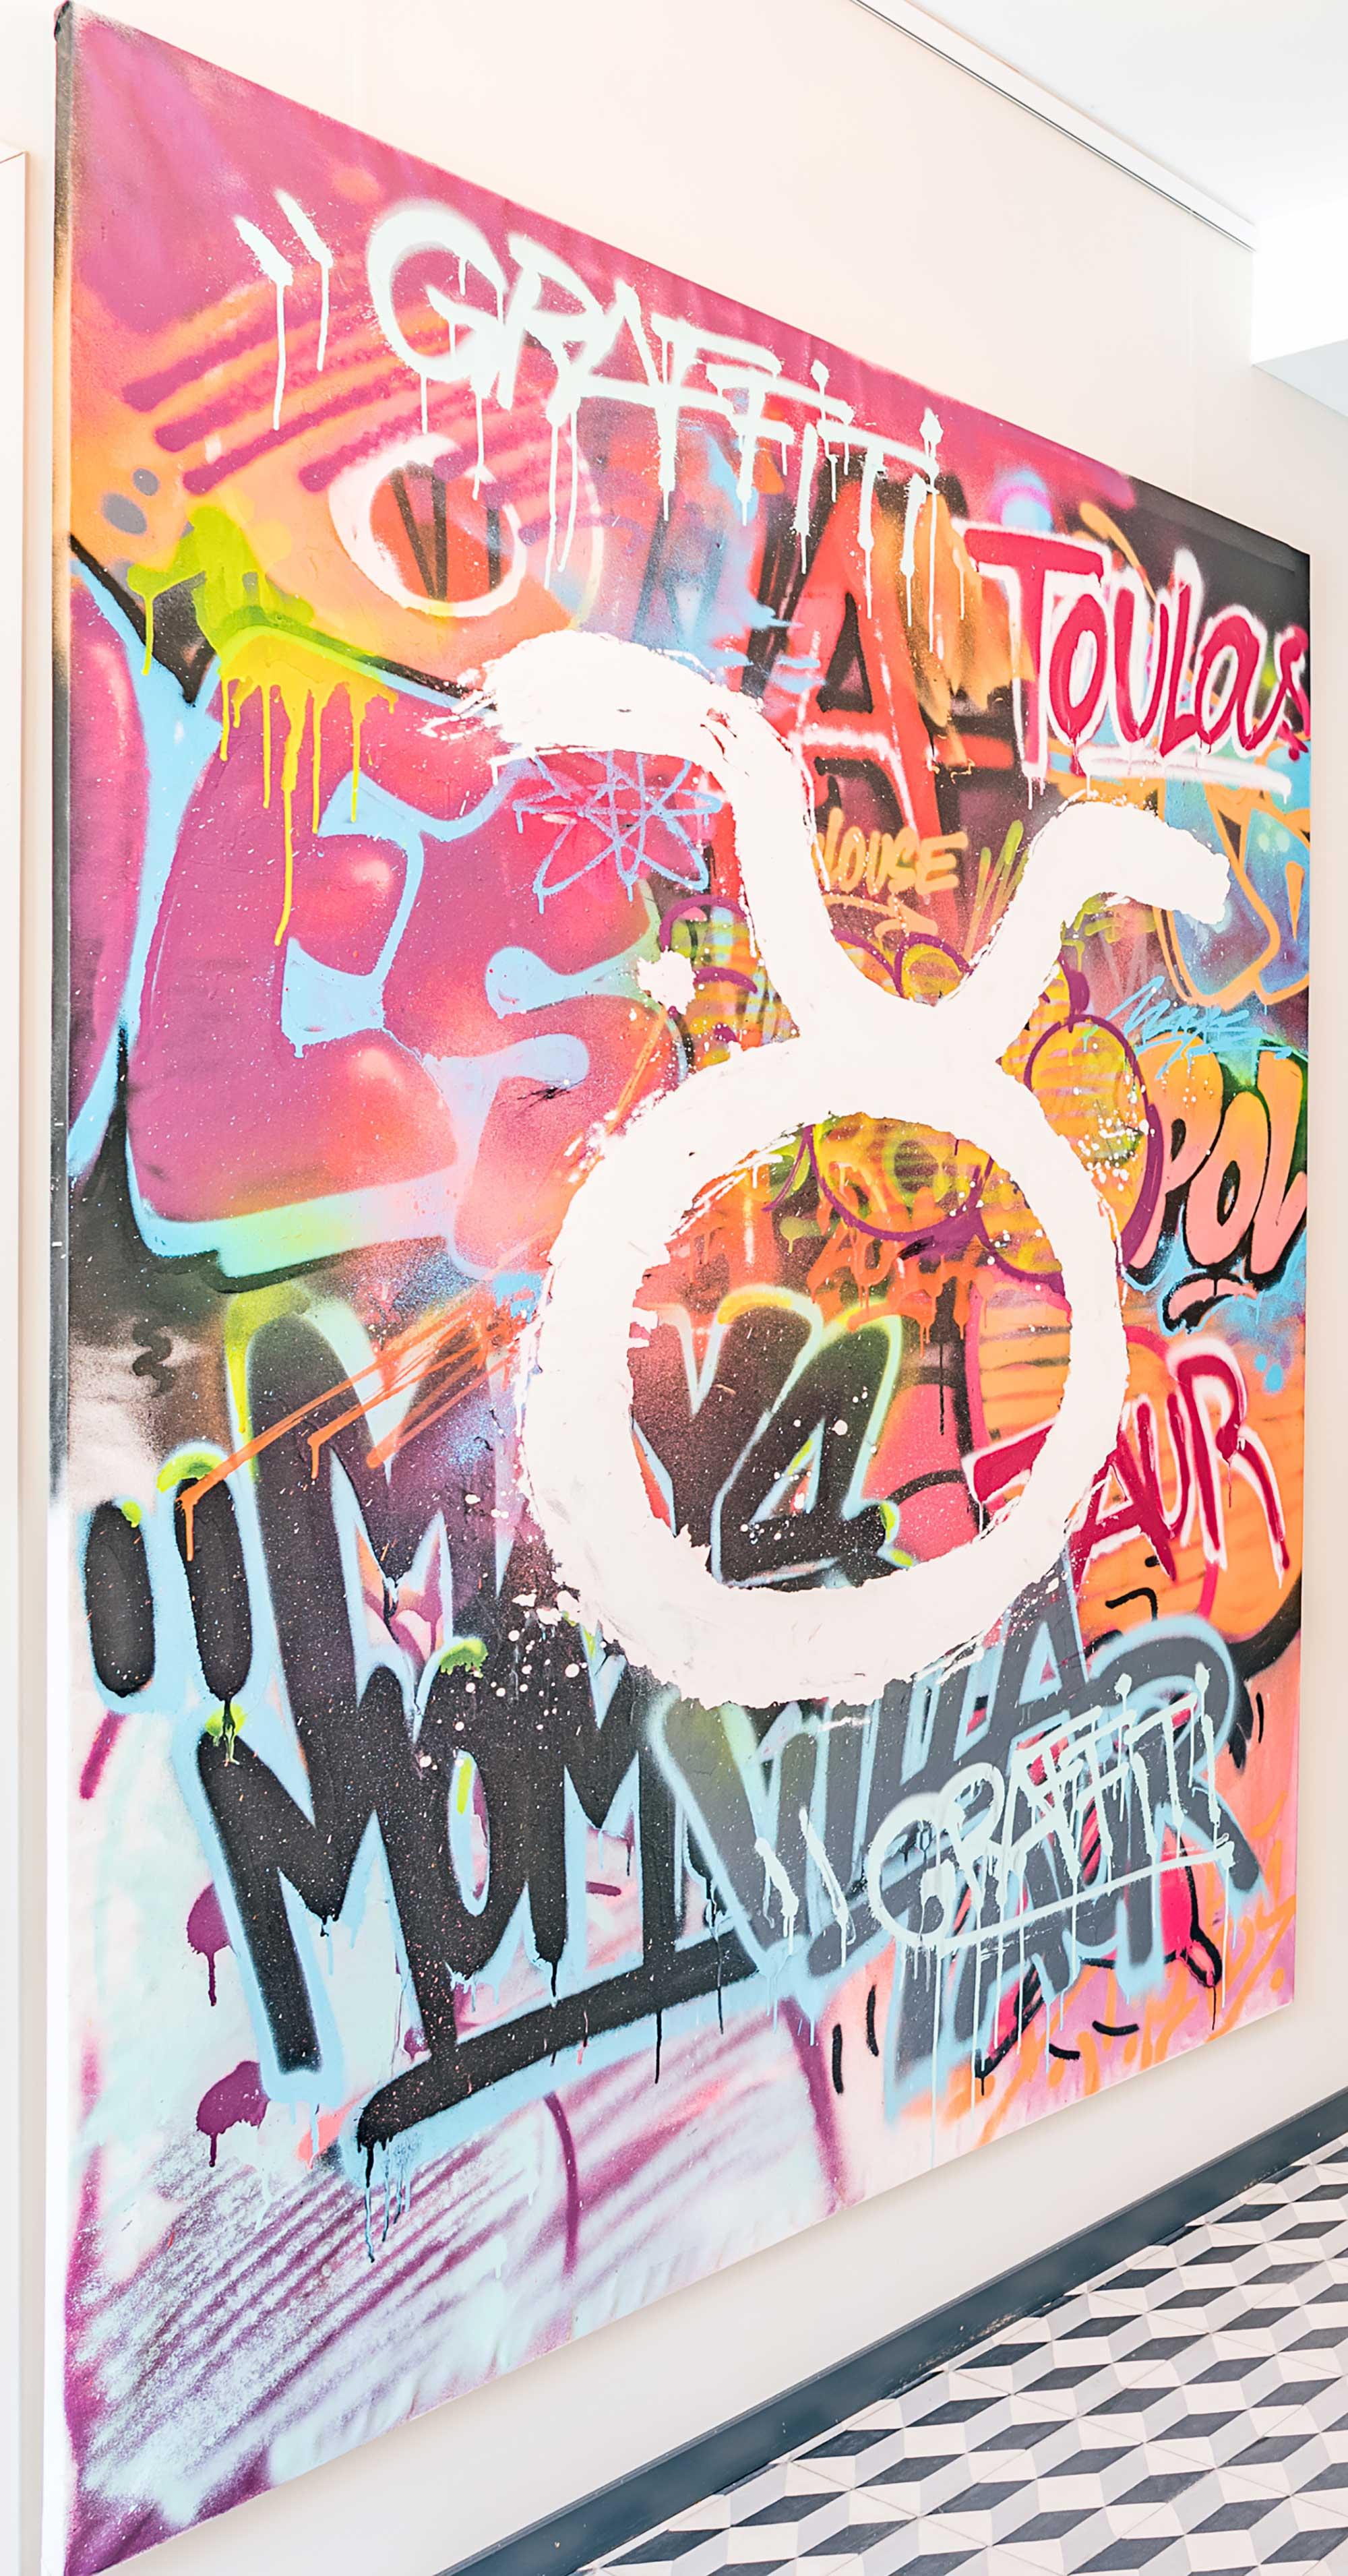 Toile peinte en graffiti, bombe de toutes les couleurs avec un logo qui blanc comme un oméga inversé